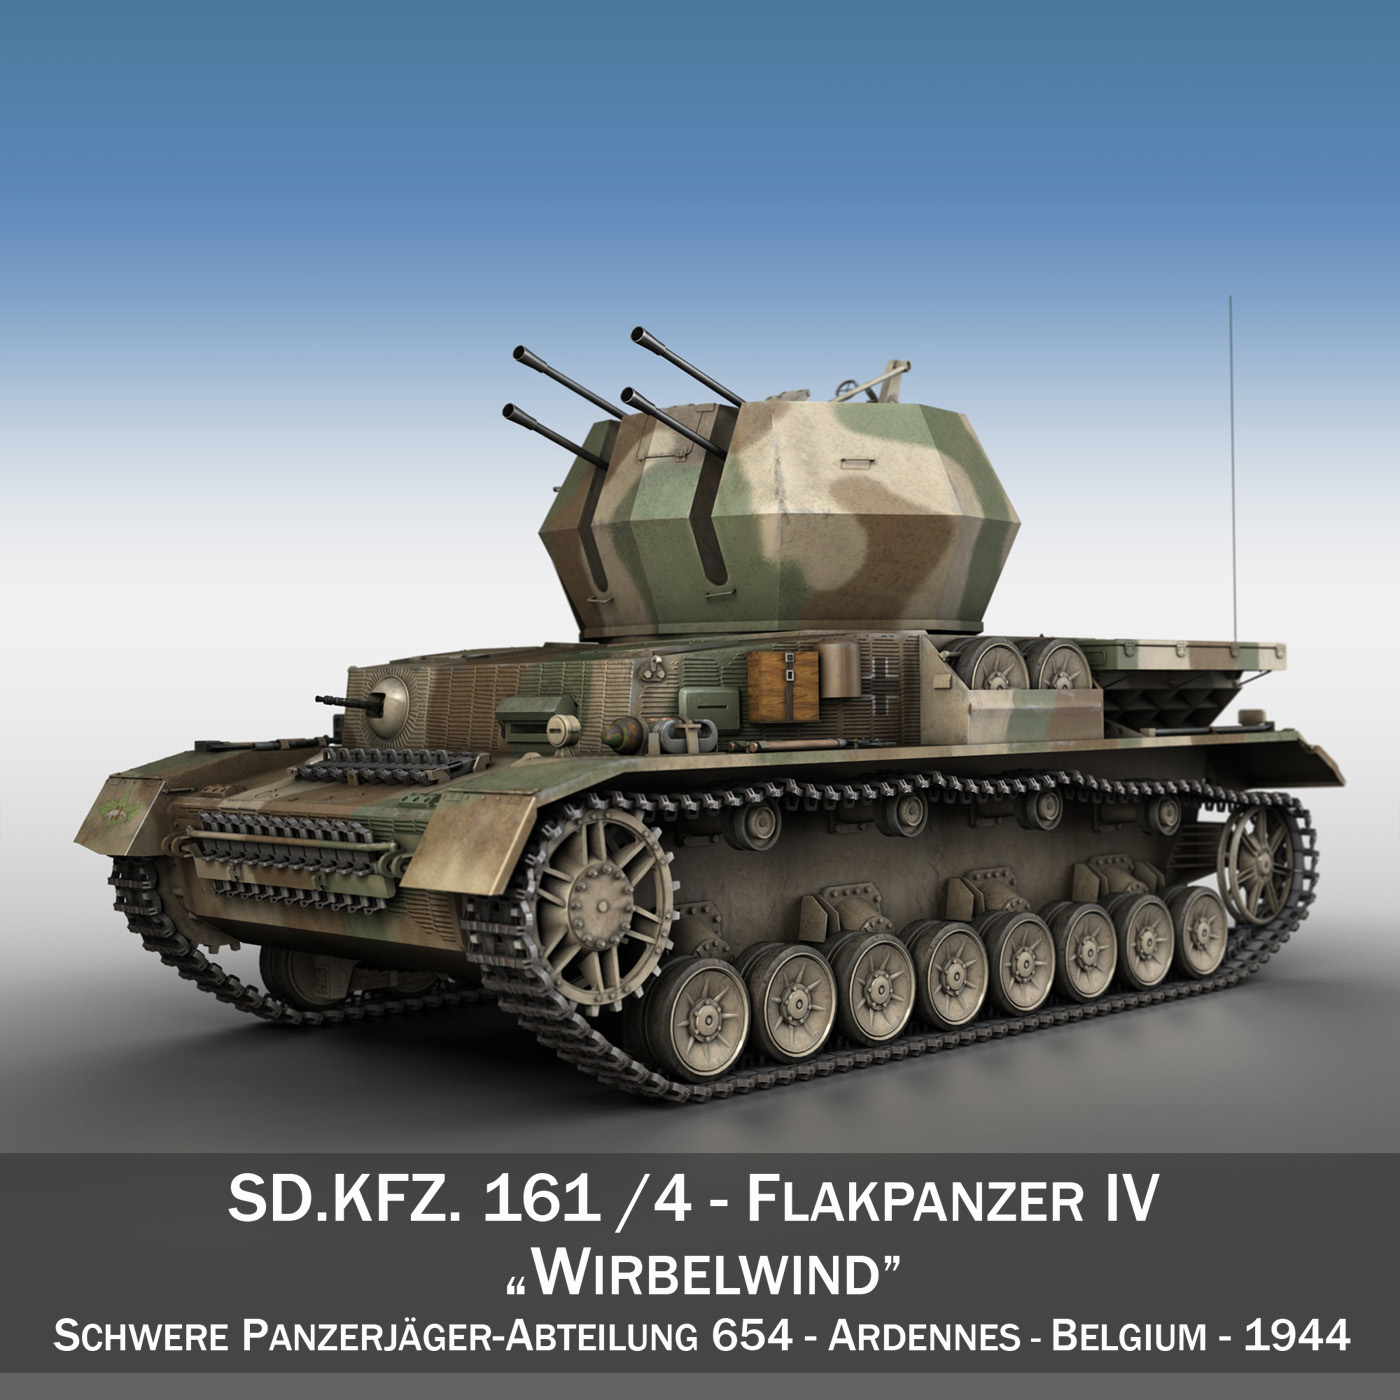 flakpanzer iv - wirbelwind - model 654 3d model 3ds fbx c4d lwo obj 282304